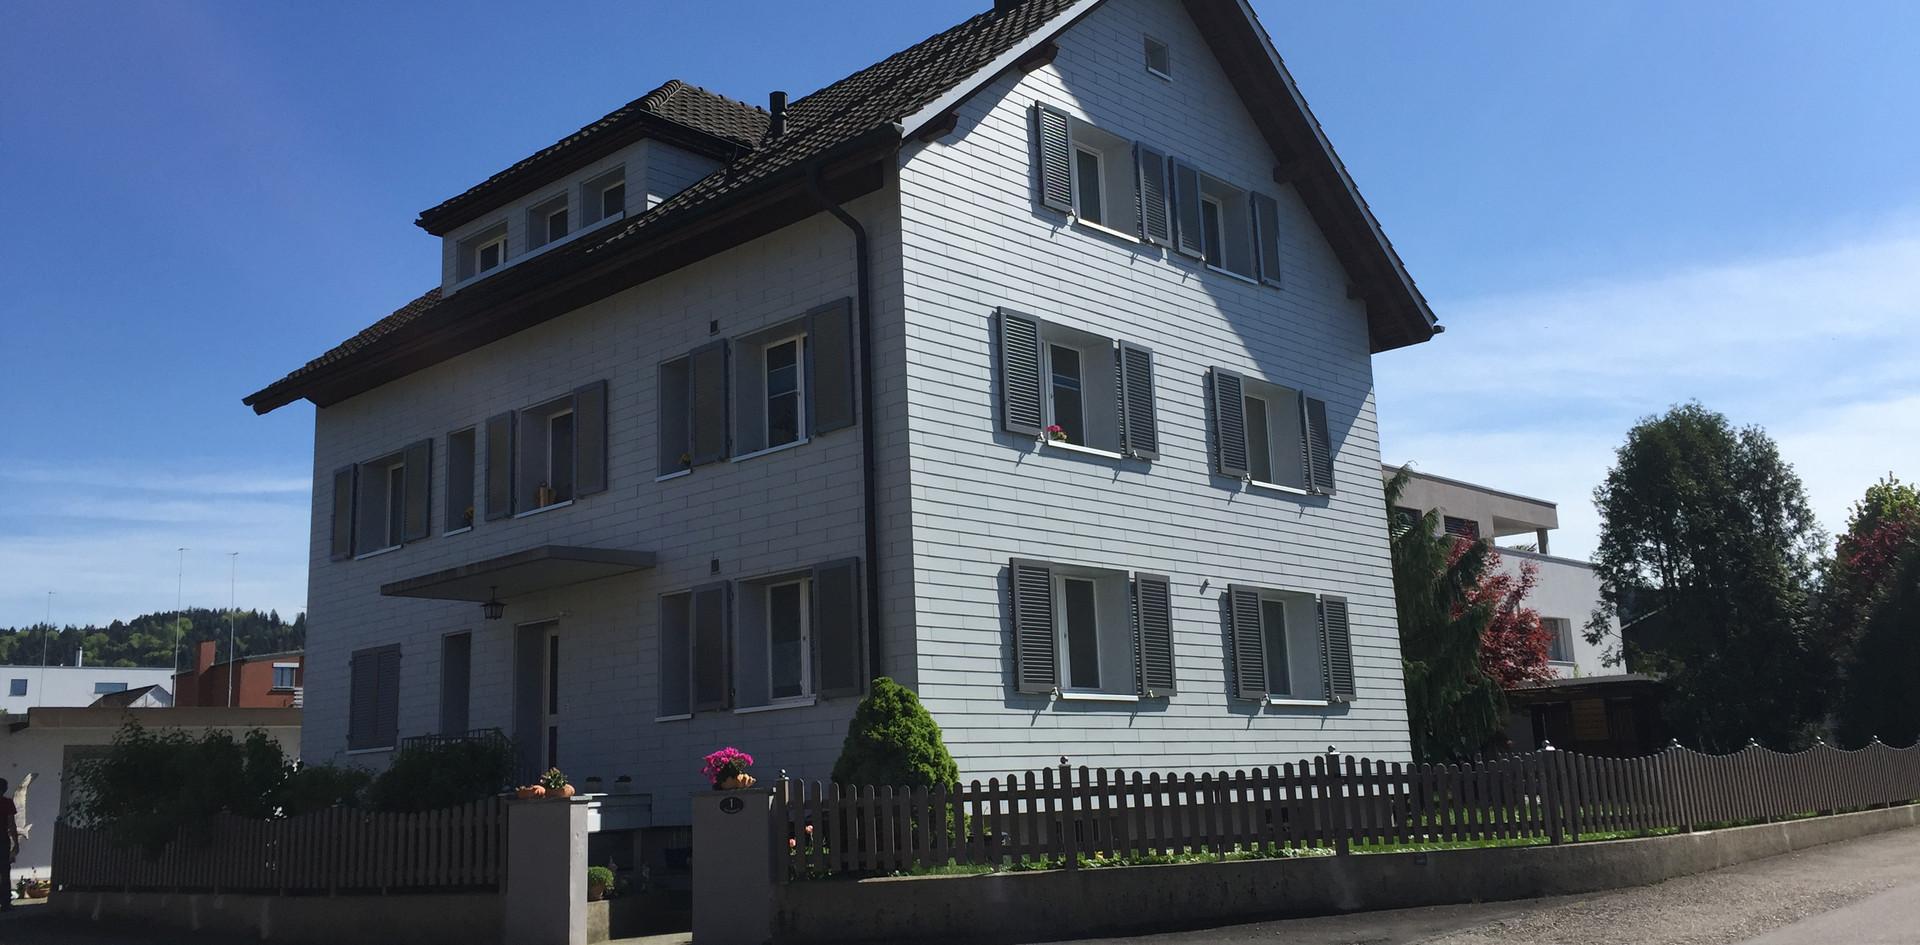 3-Fam-Haus Dagmersellen